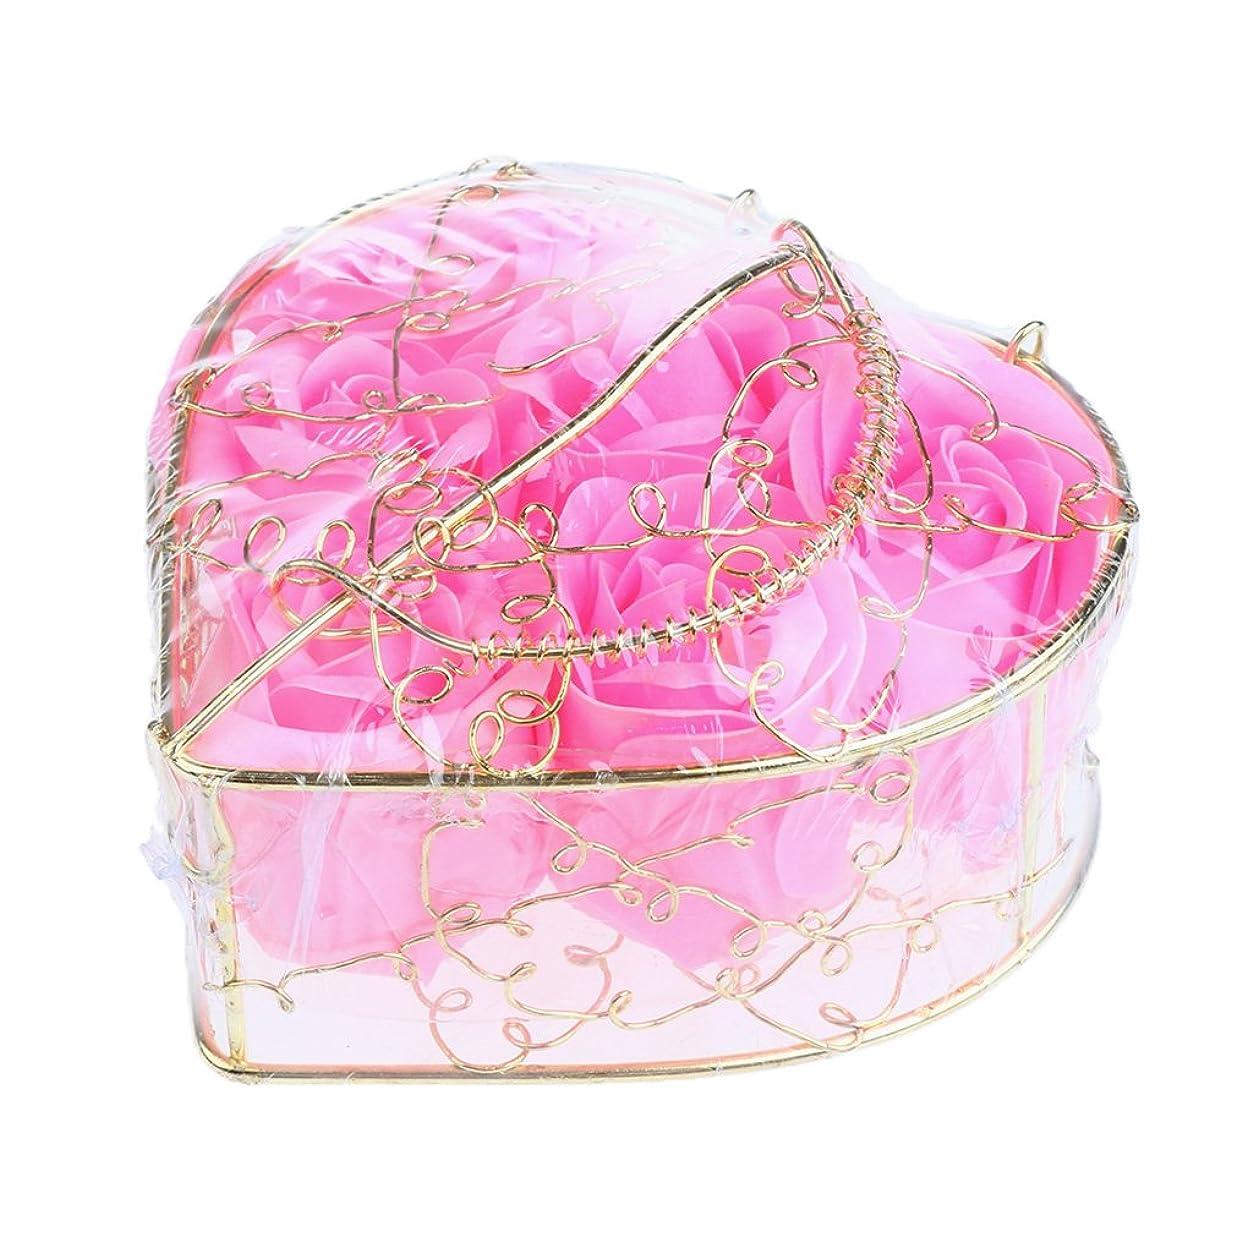 残り物アグネスグレイ通りPerfk 6個 石鹸の花 石鹸花  造花 フラワー バラ ソープフラワー  シャボンフラワー  フラワーボックス プレゼント 全5タイプ選べる - ピンク